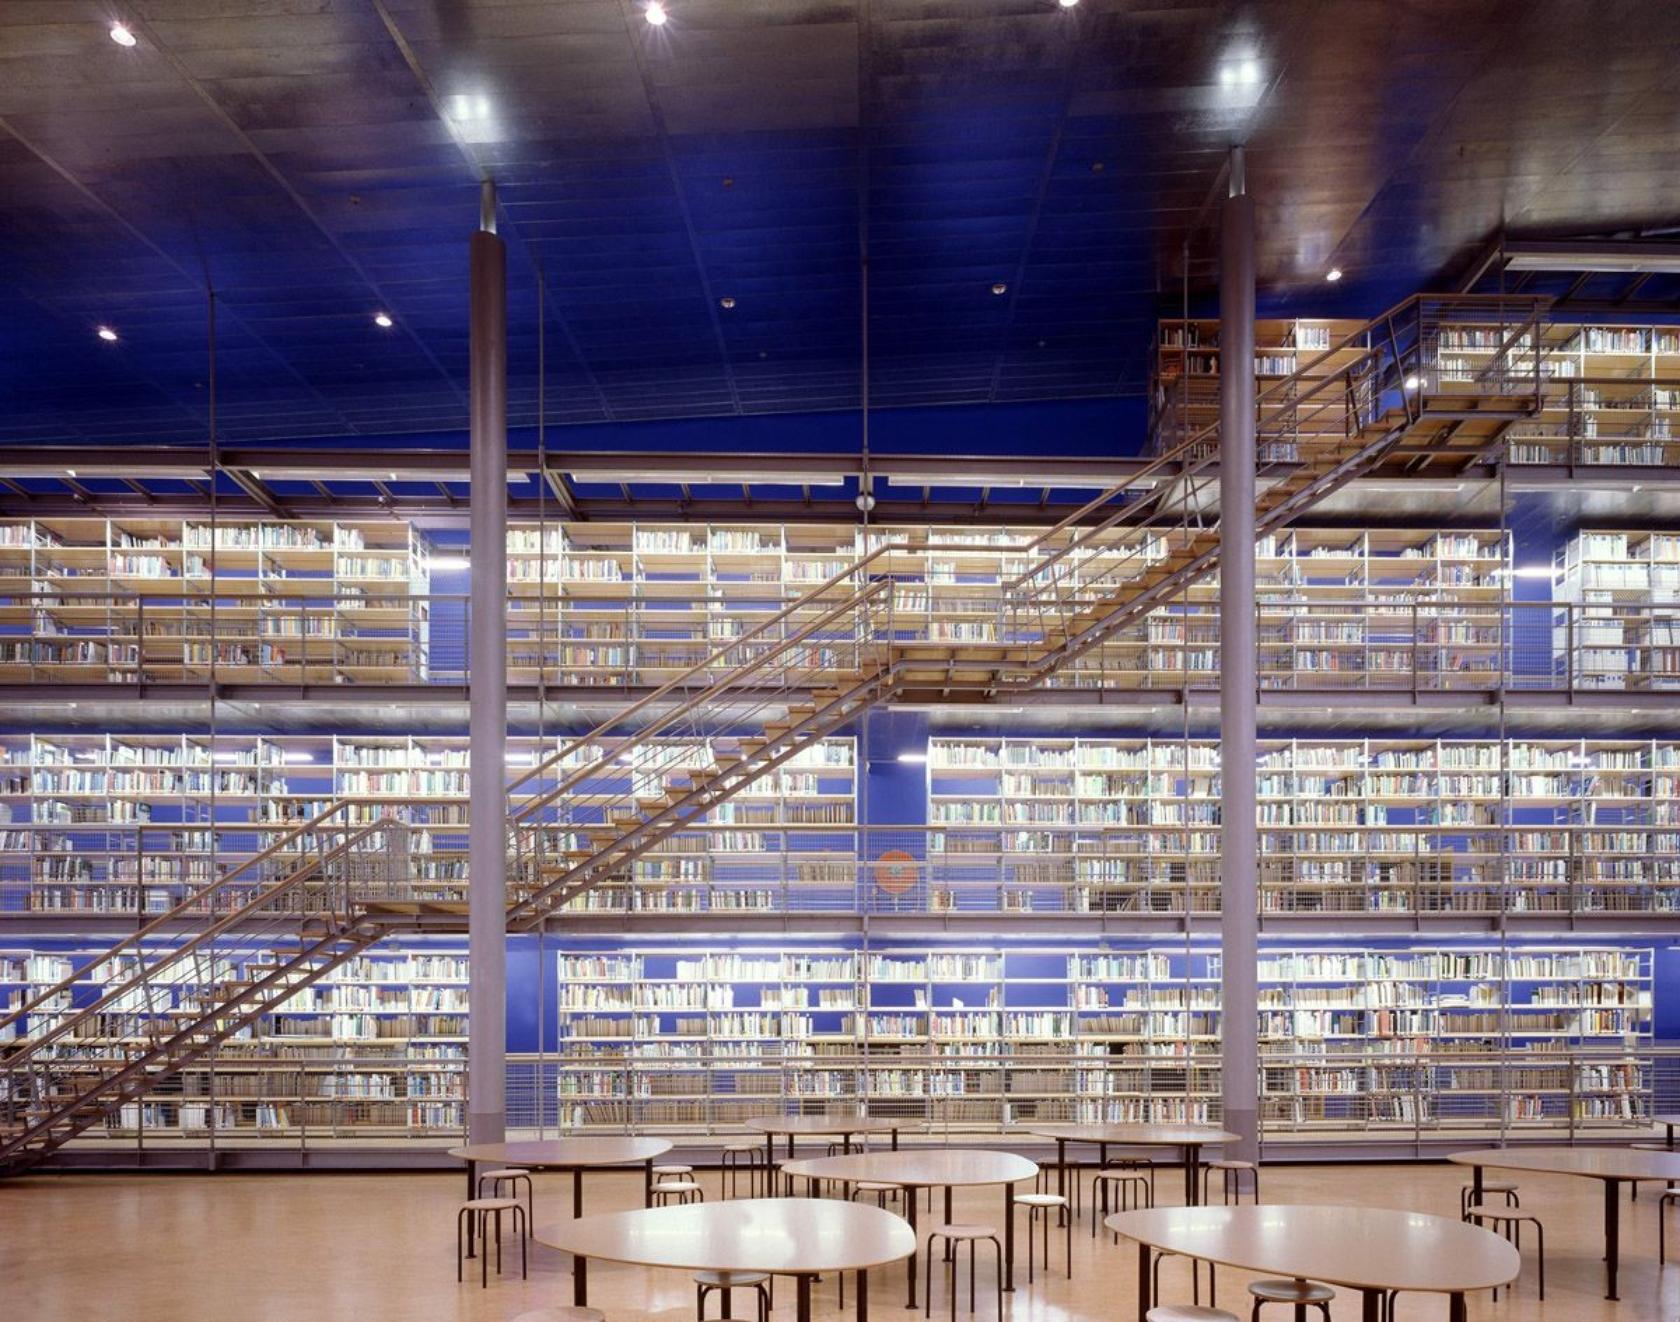 معماری كتابخانه دانشگاه دلف